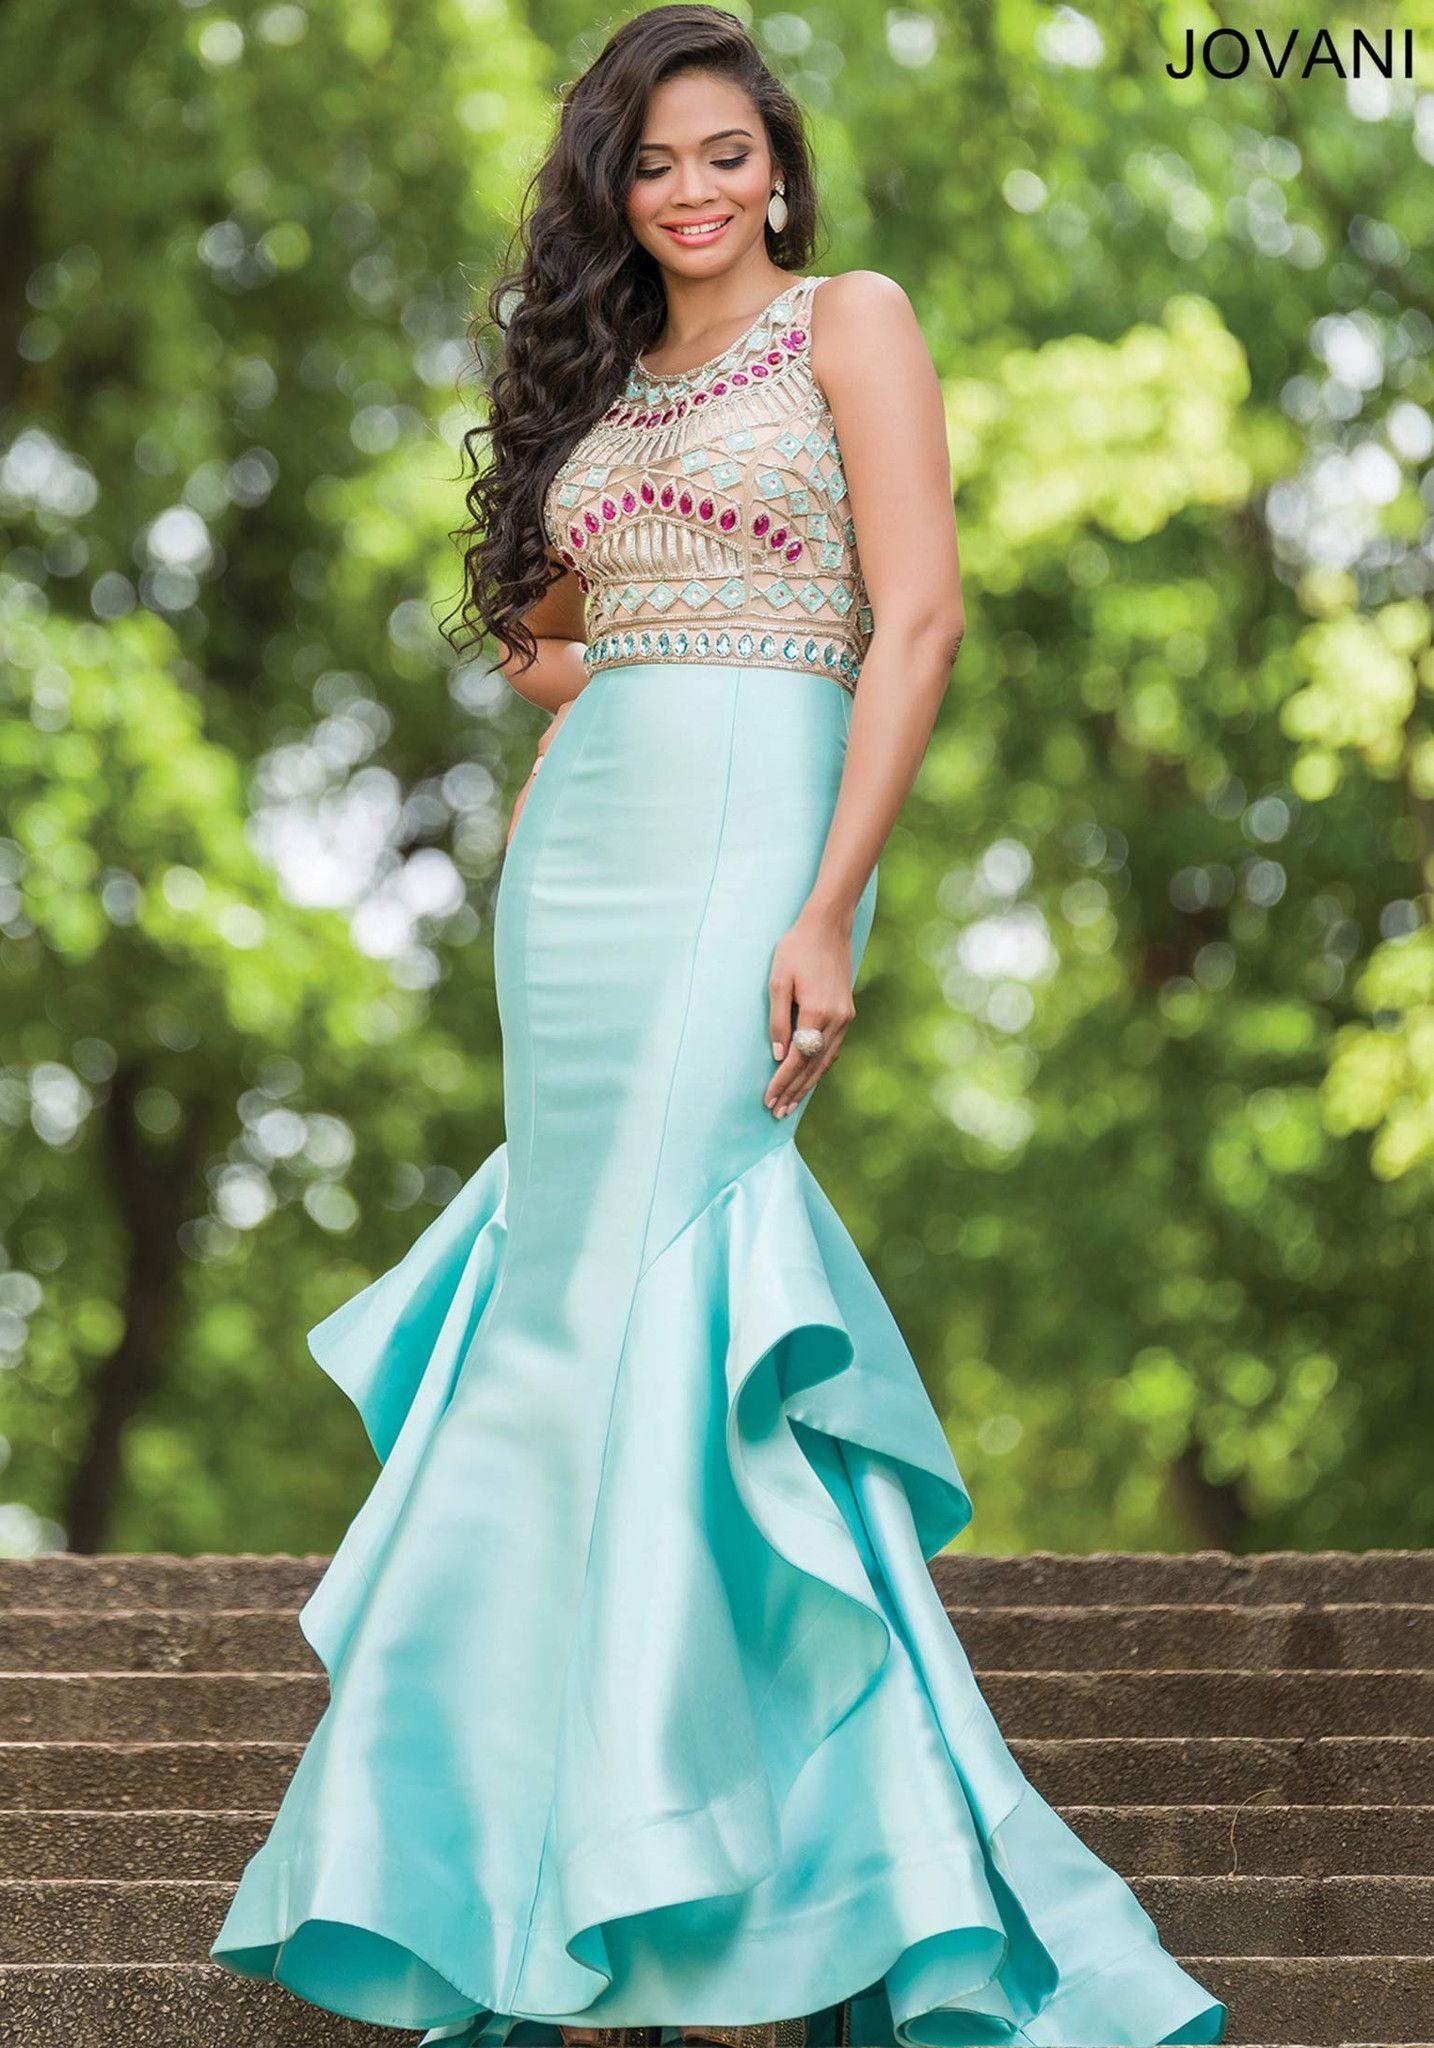 Jovani 28432 In Stock Size 10 Aqua/Multi Jeweled Mermaid Prom Dress ...